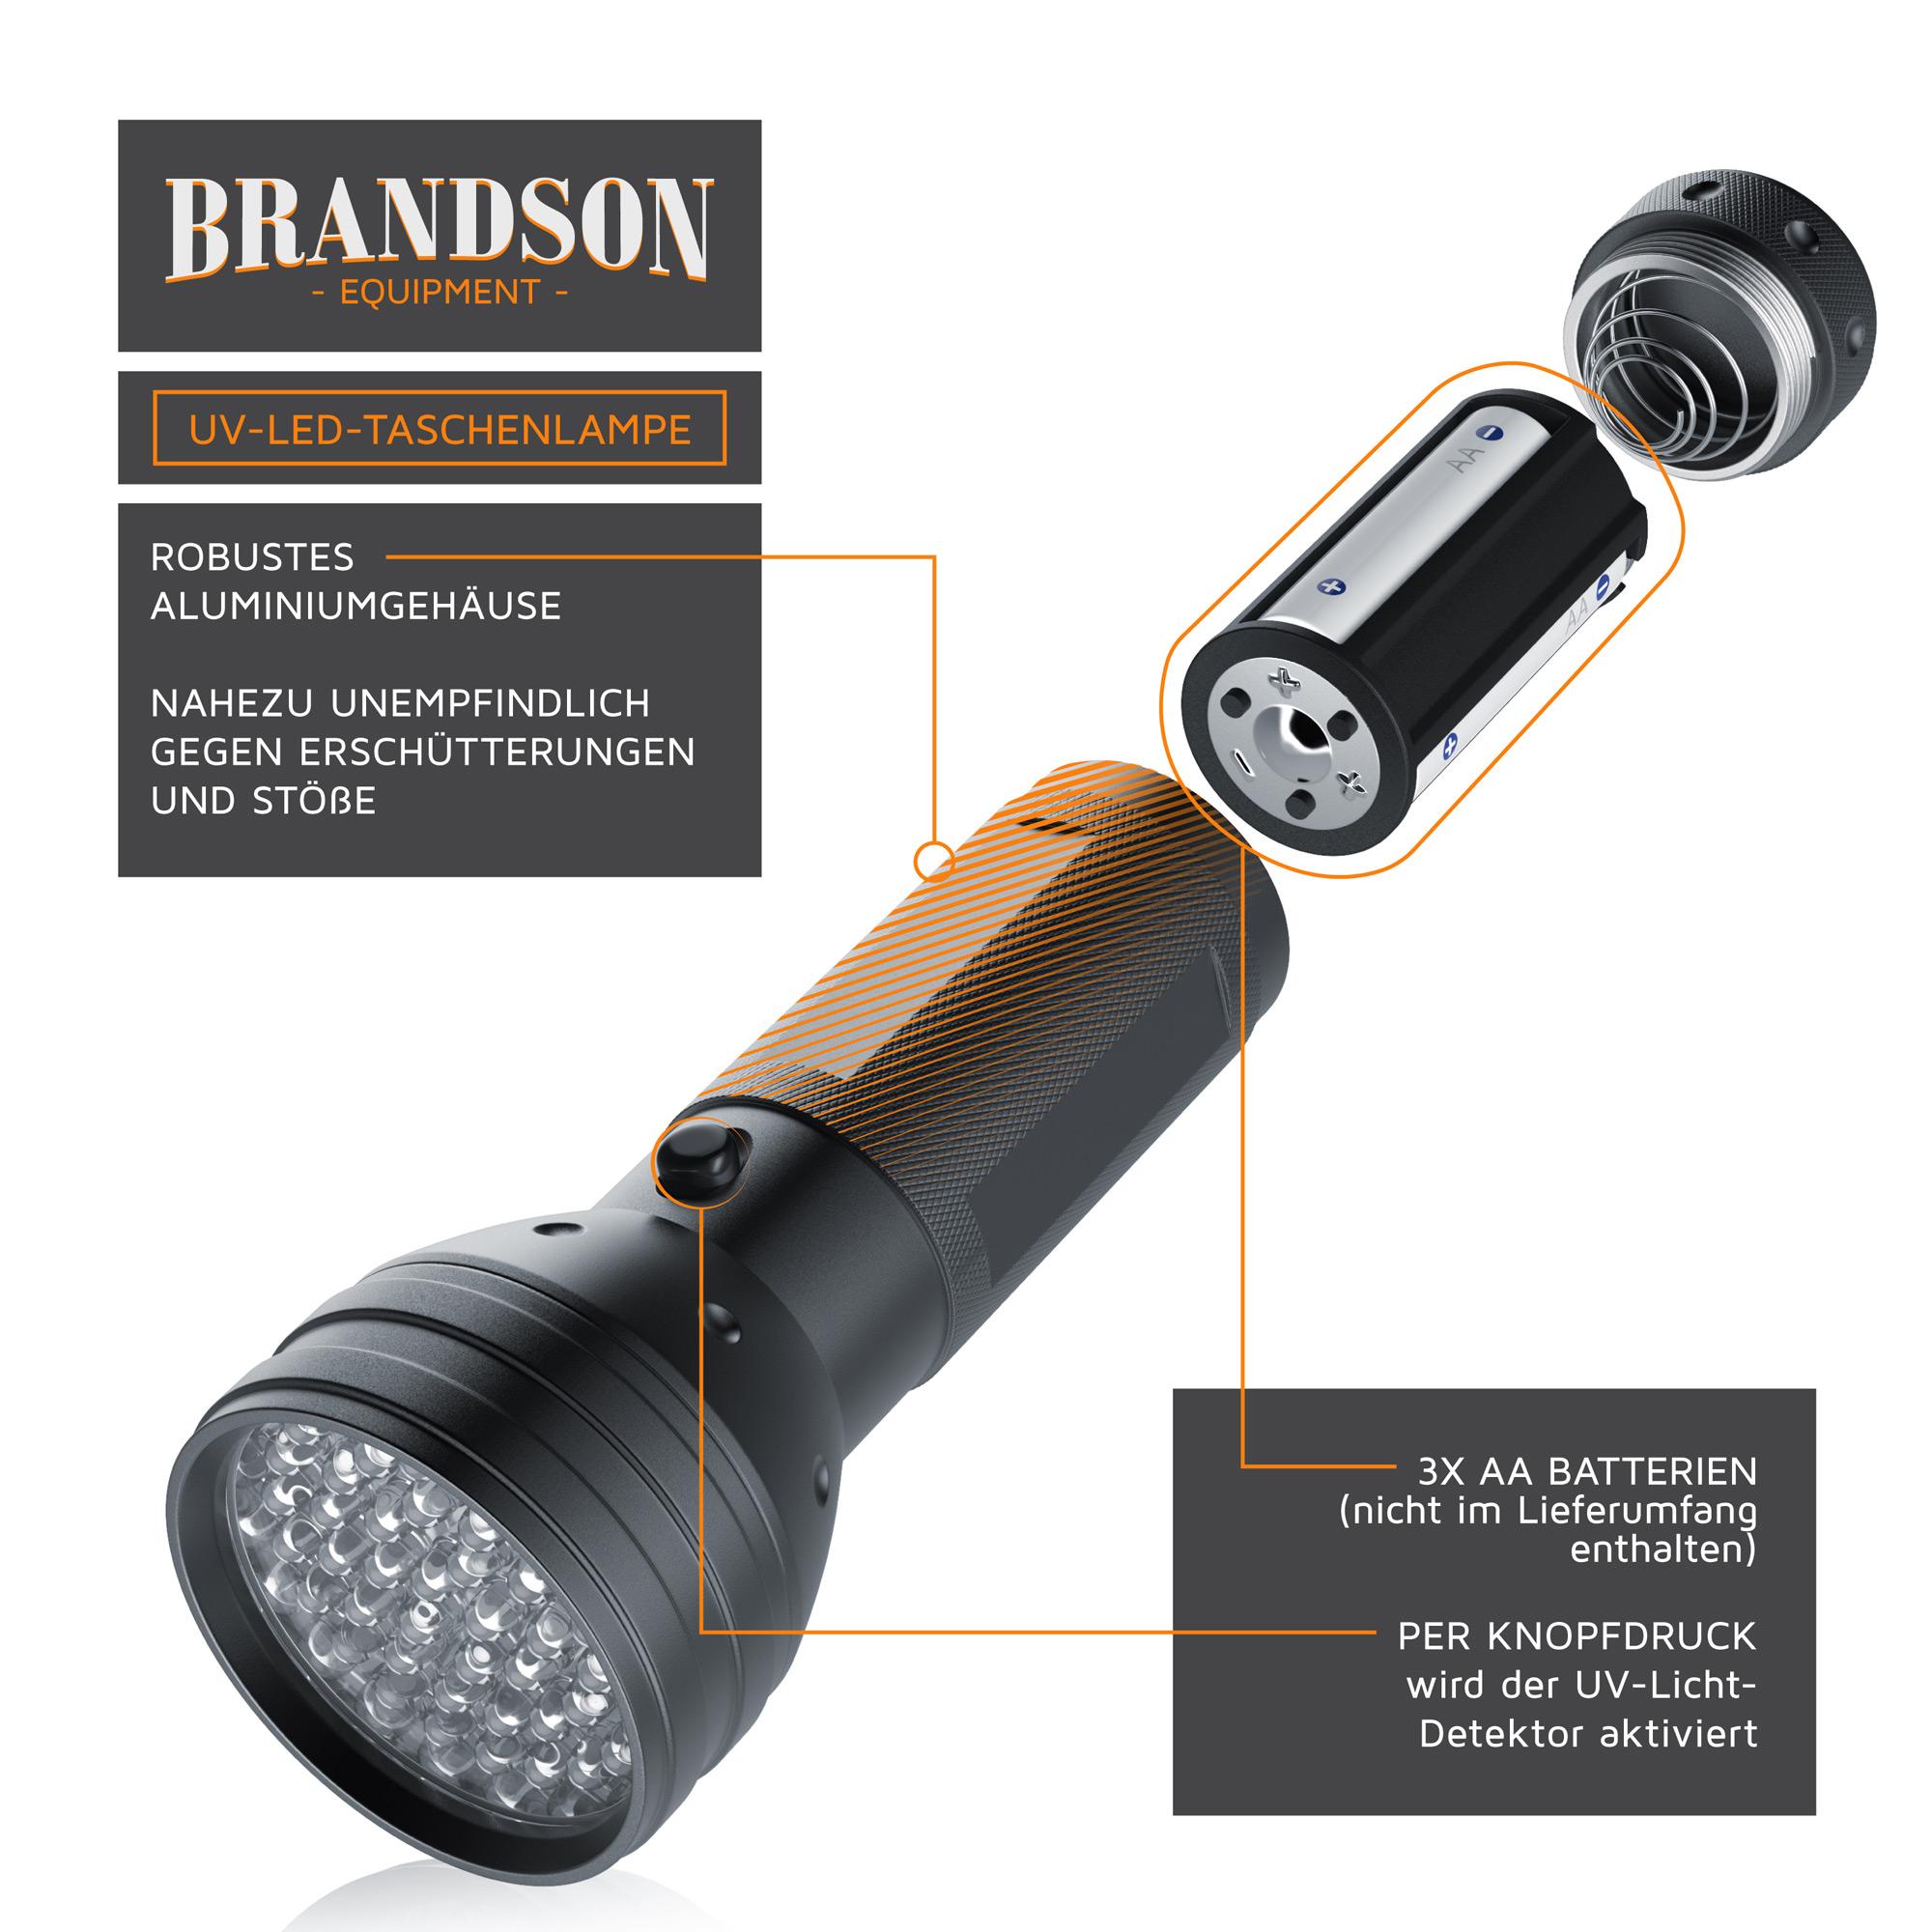 303078-LED-UV-Taschenlampe_grafik1.jpg